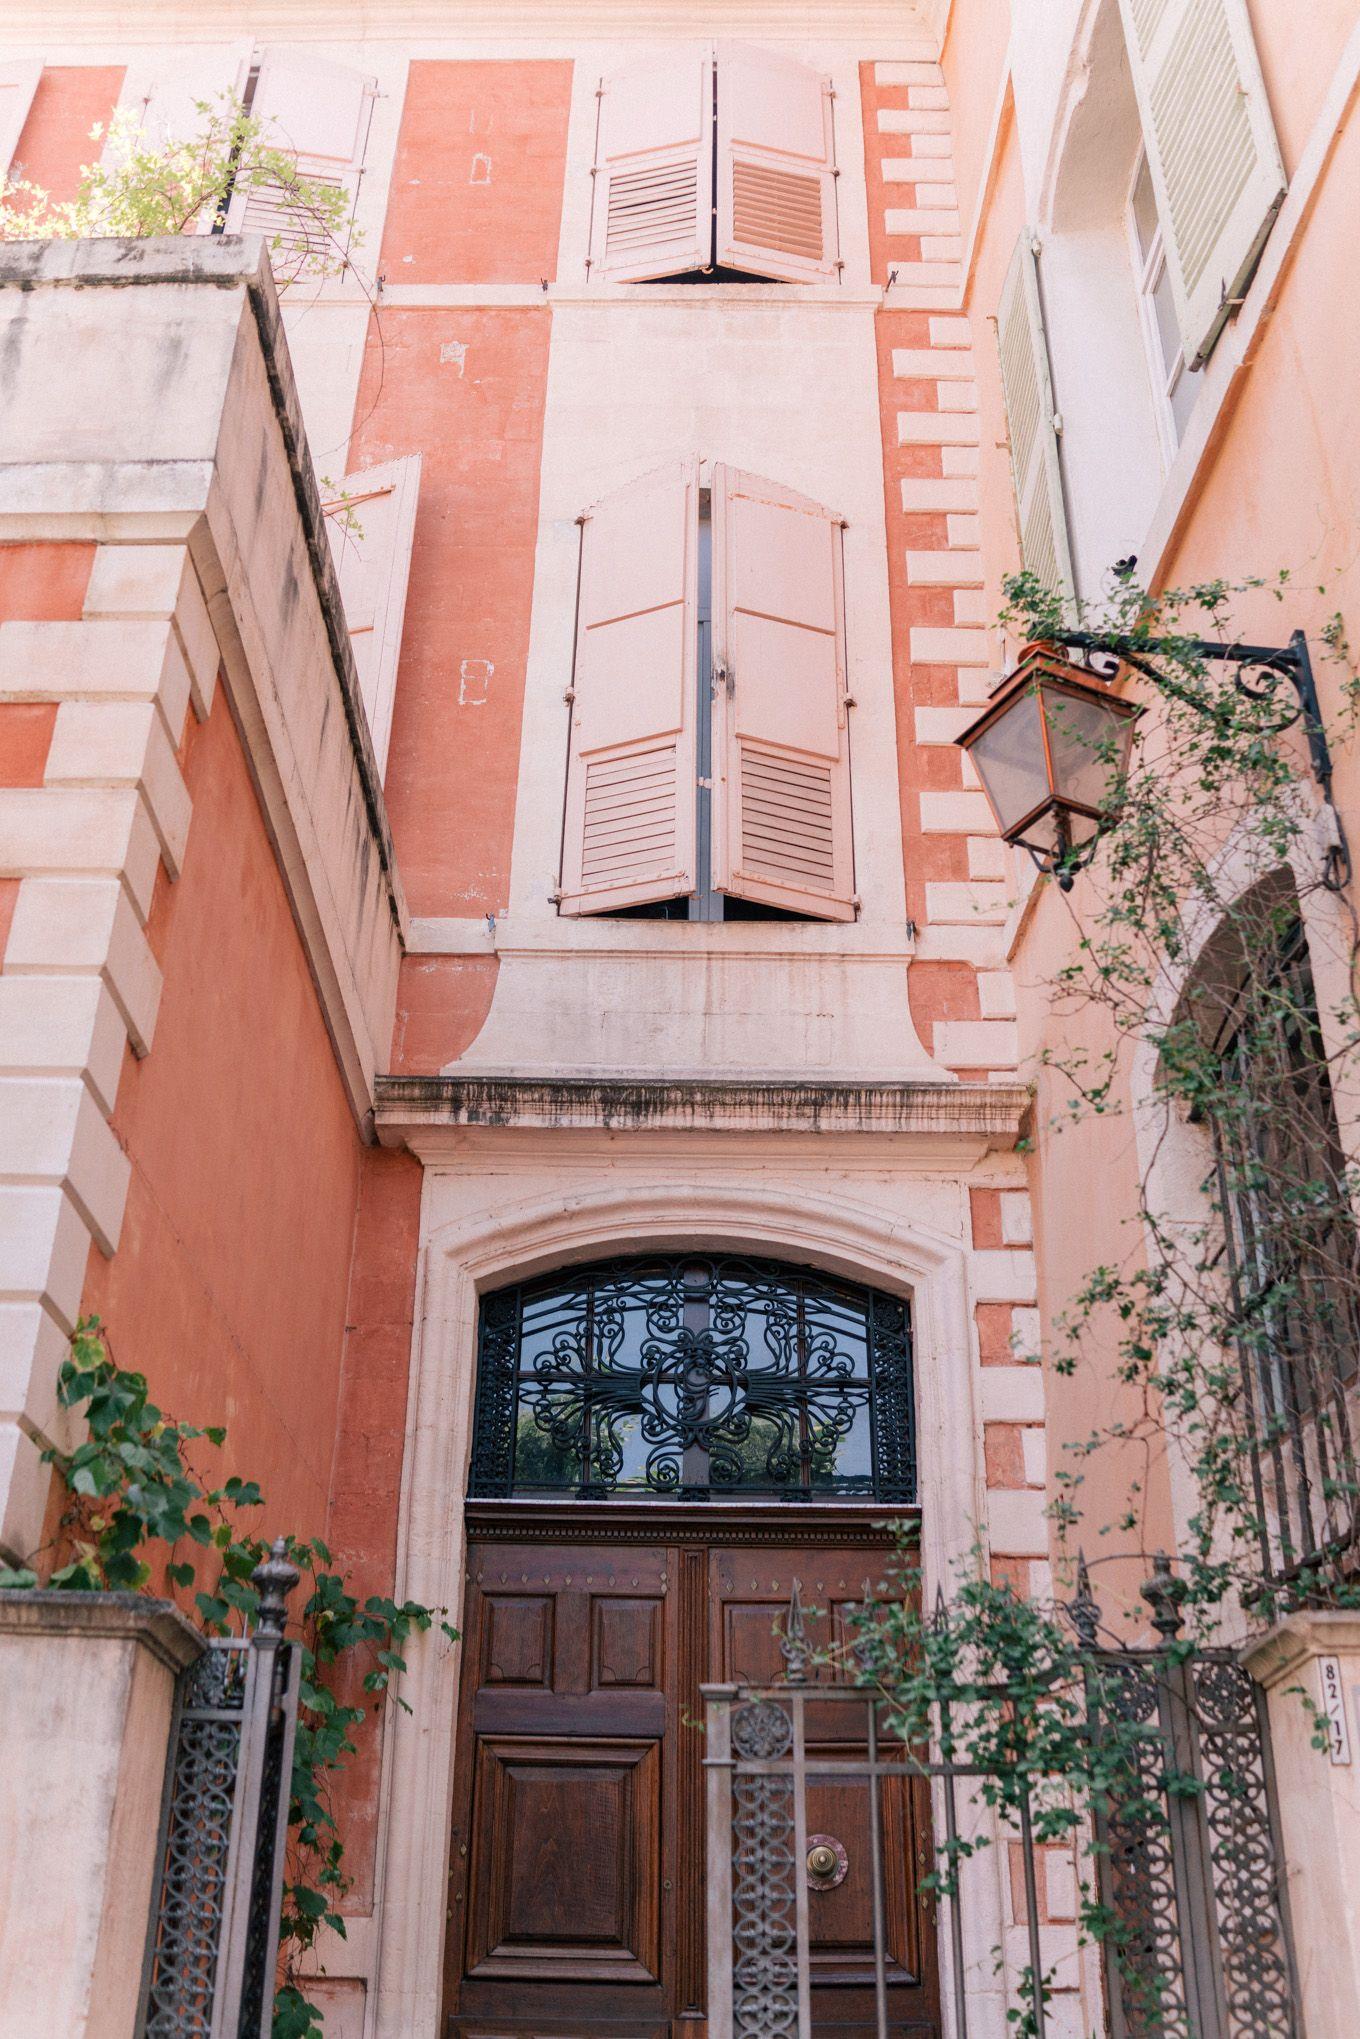 Decor Inspiration | South Of France Home : Frédéric Fekkai